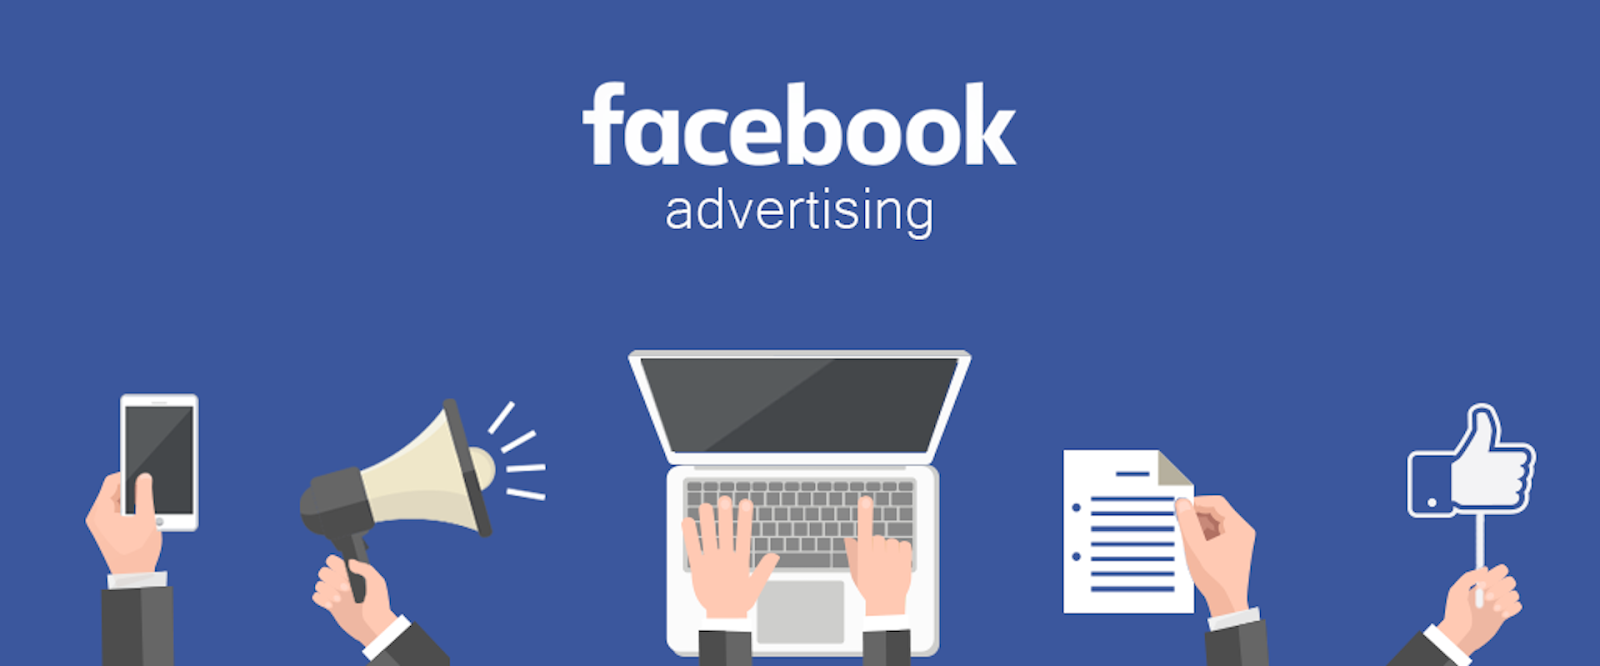 Tới đây, bạn sẽ câu hỏi thắc mắc làm cách nào ở Viet Nam mà có khả năng trả tiền quảng cáo cho kênh Facebook được